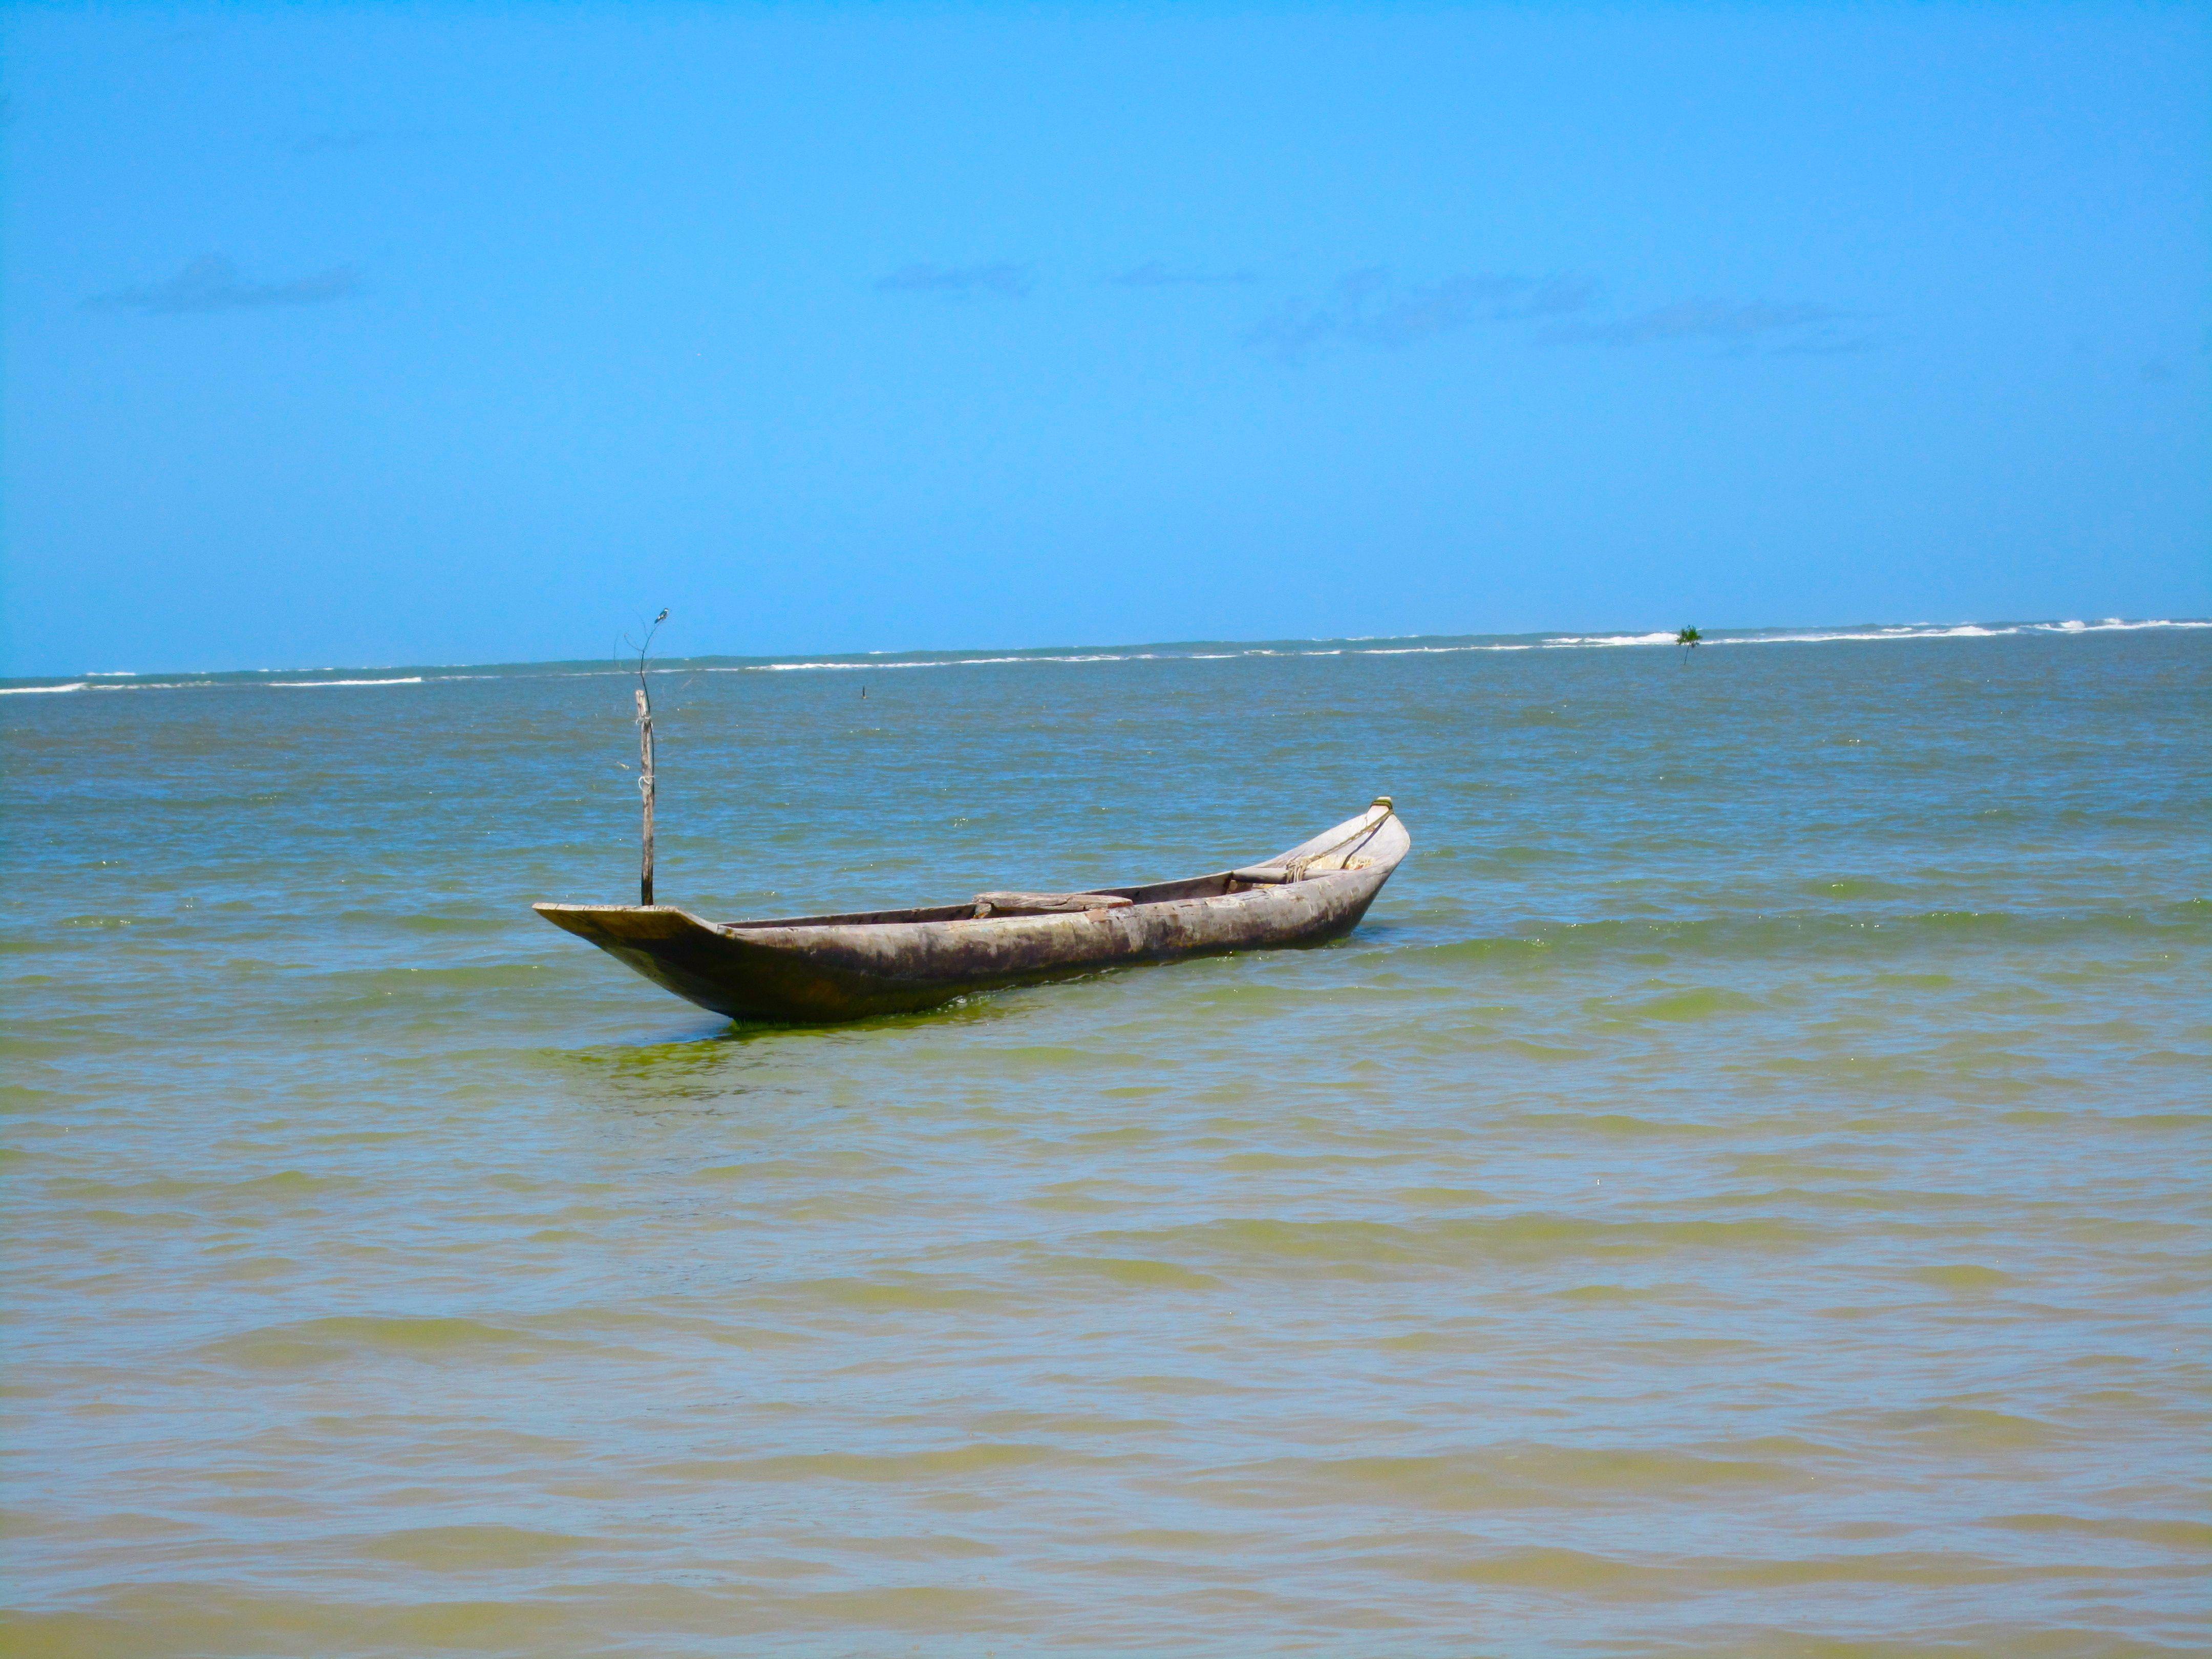 solo in Boipeda, Bahia, Brazil